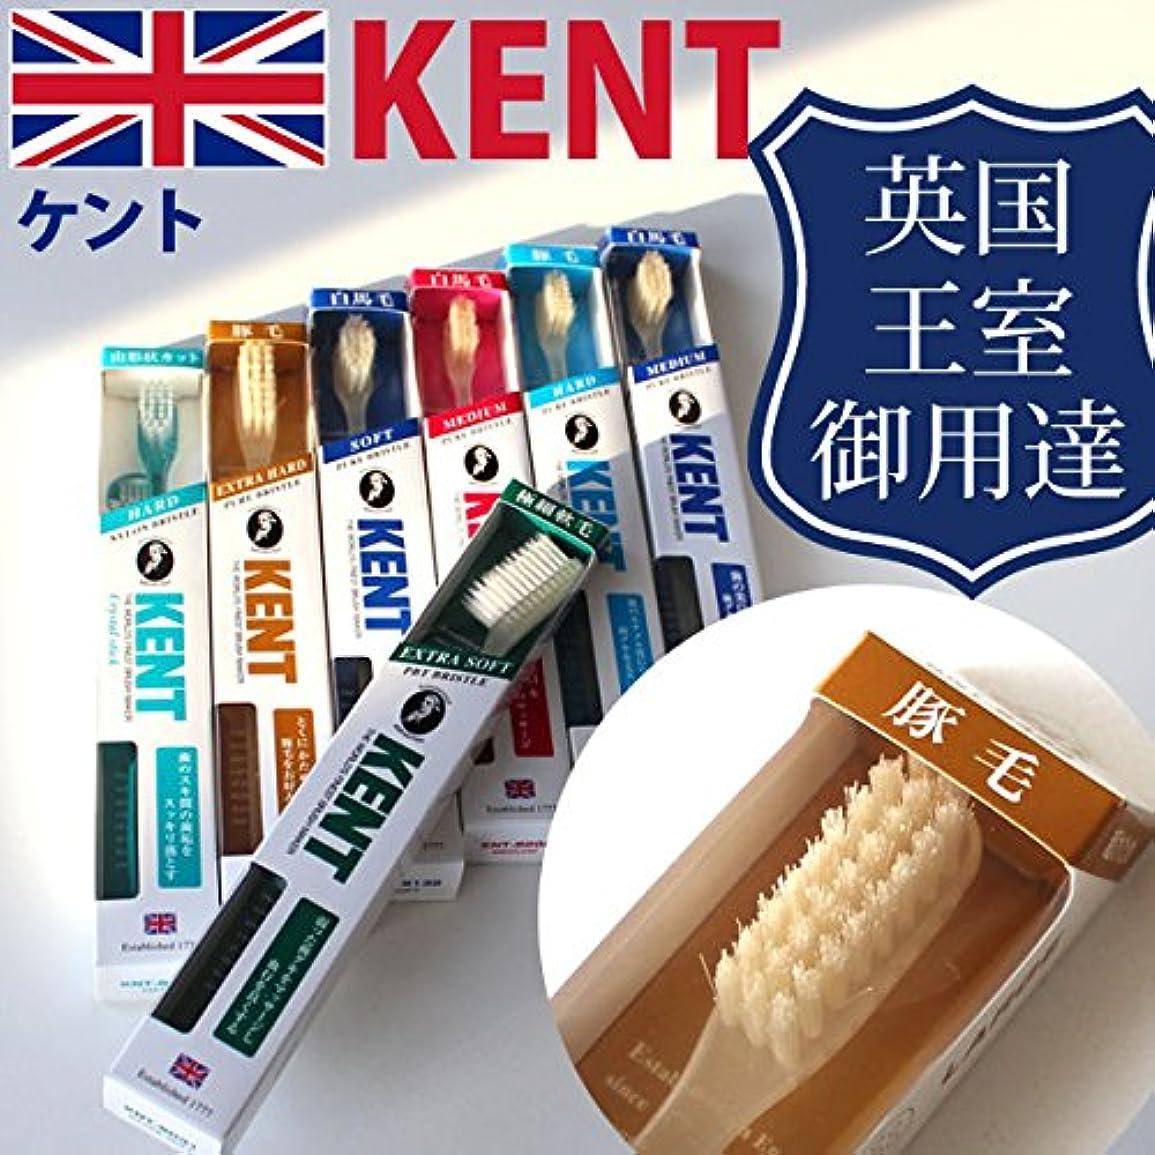 デンプシー打撃啓発するケント KENT 豚毛 コンパクト 歯ブラシKNT-9233/9833 6本入り 他の天然毛の歯ブラシに比べて細かく磨 ふつう